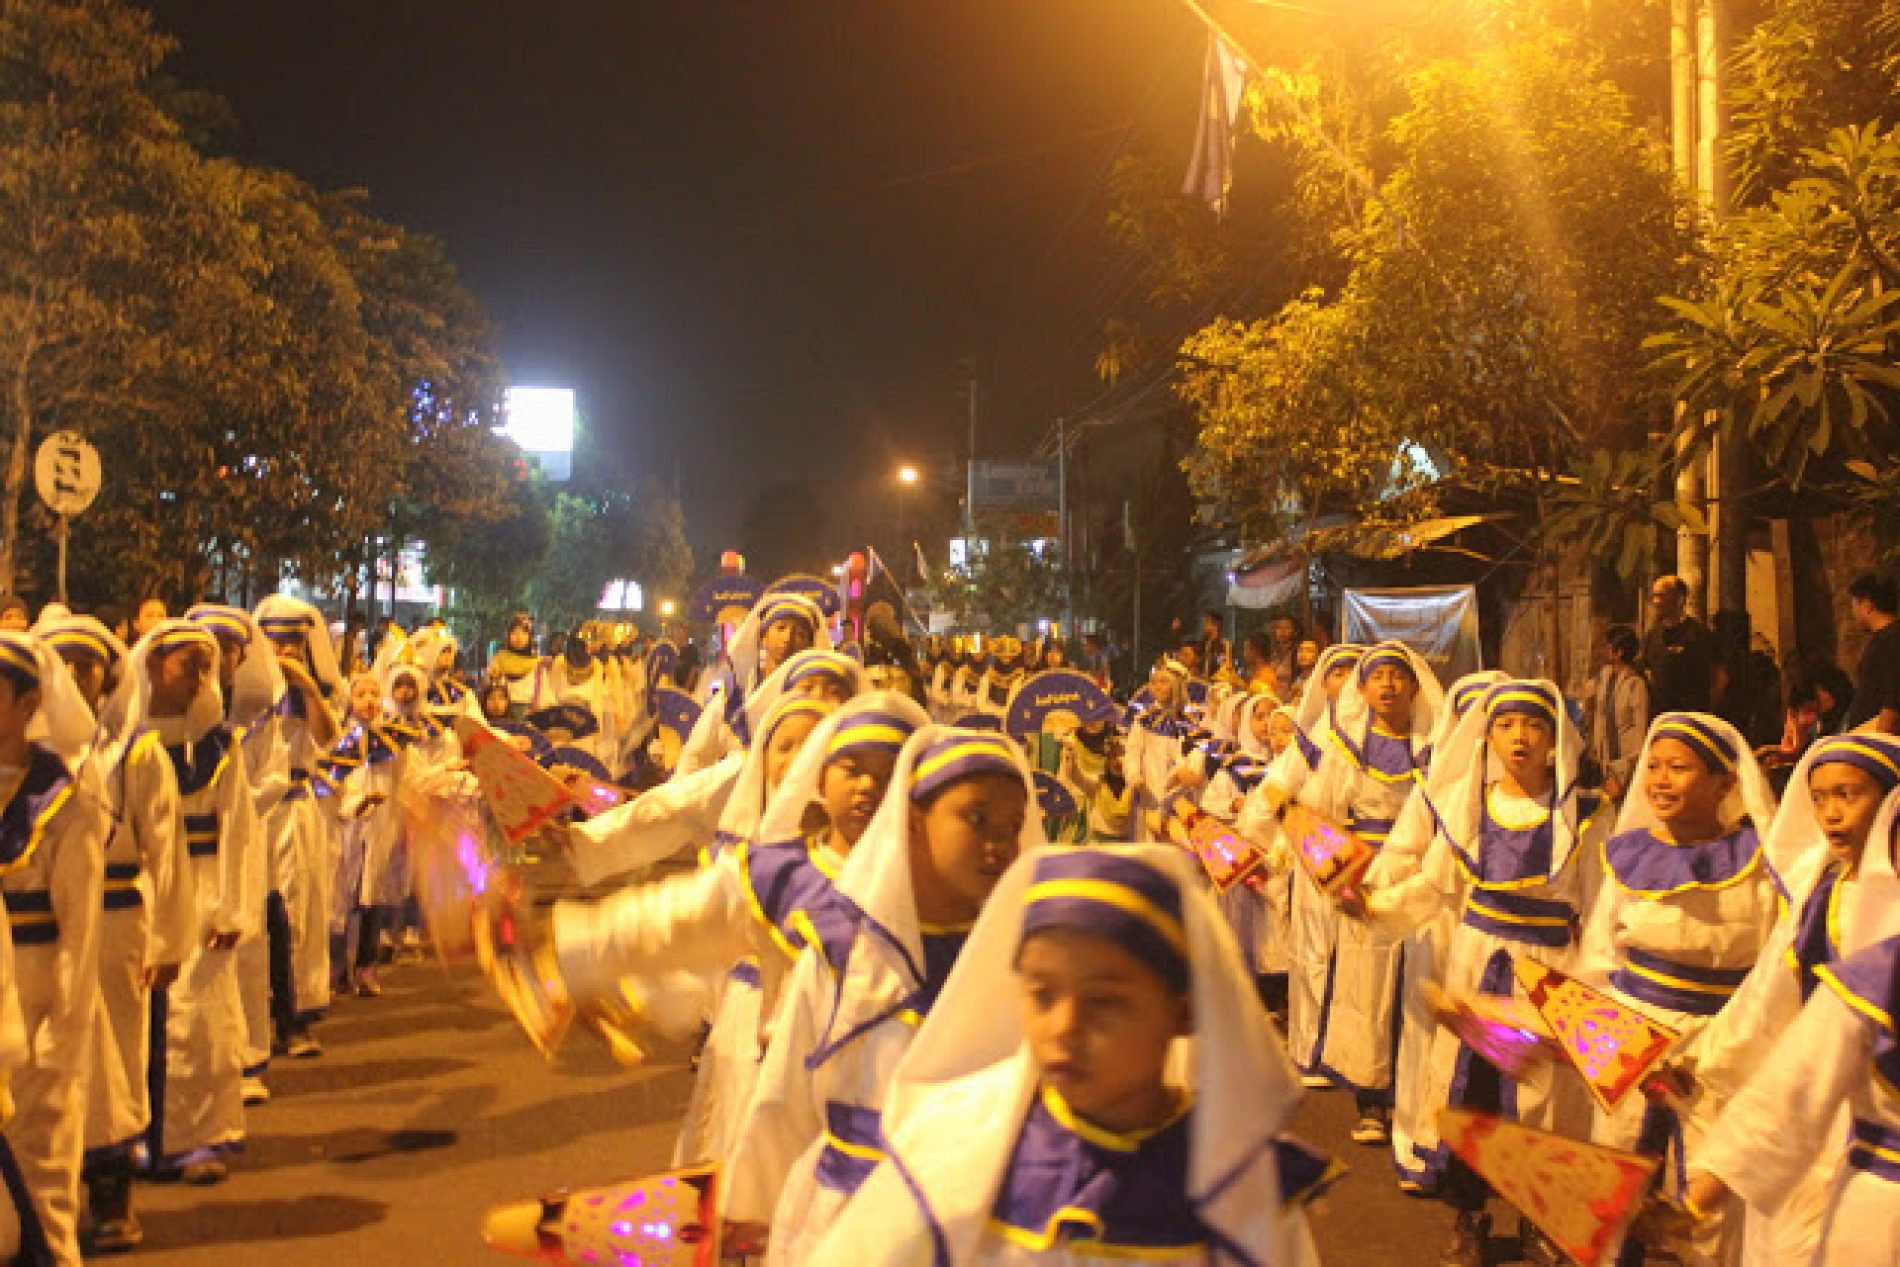 Meriahnya Festival Takbir Keliling Idul Fitri Mergangsan 1436 H / 2015